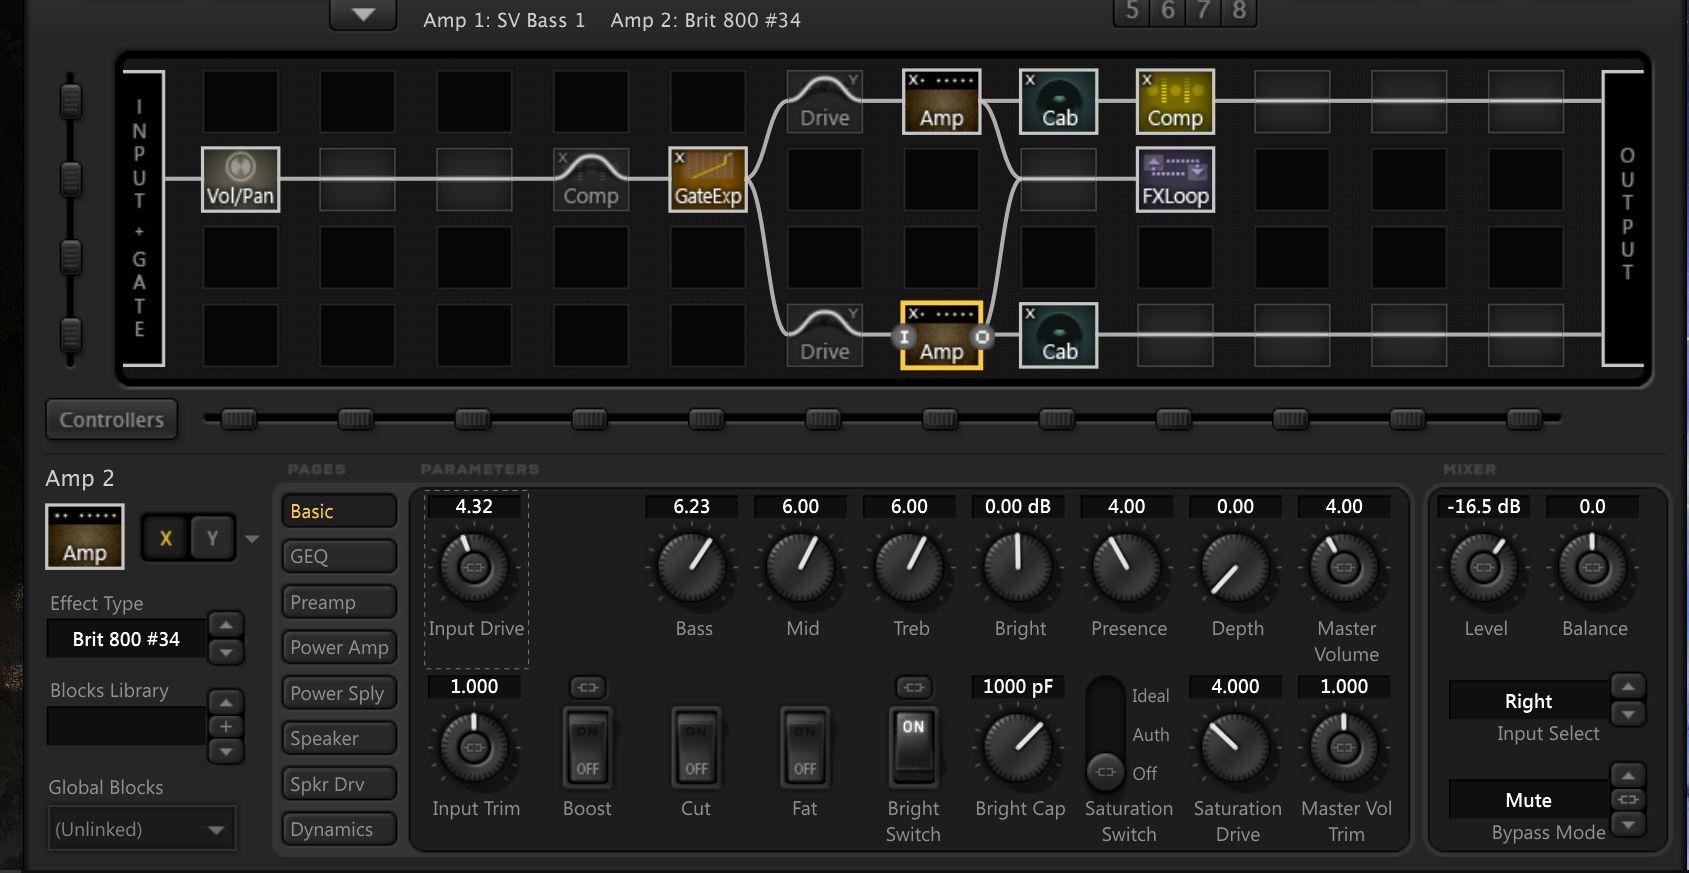 Direct Bass : Think I have a tone I like-jcm80034-jpg